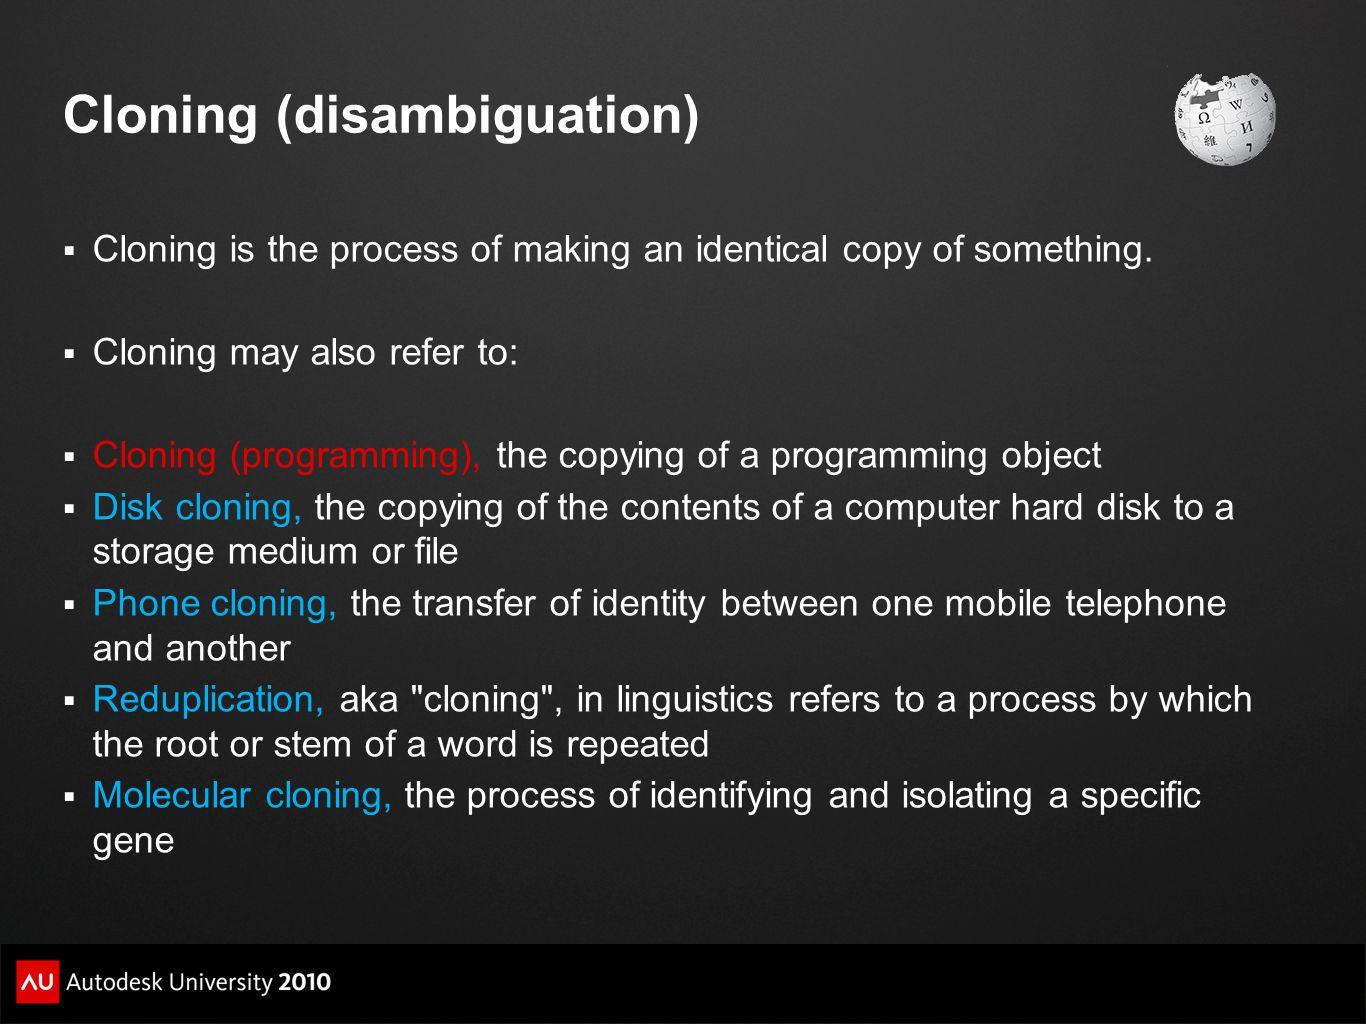 Cloning (disambiguation)